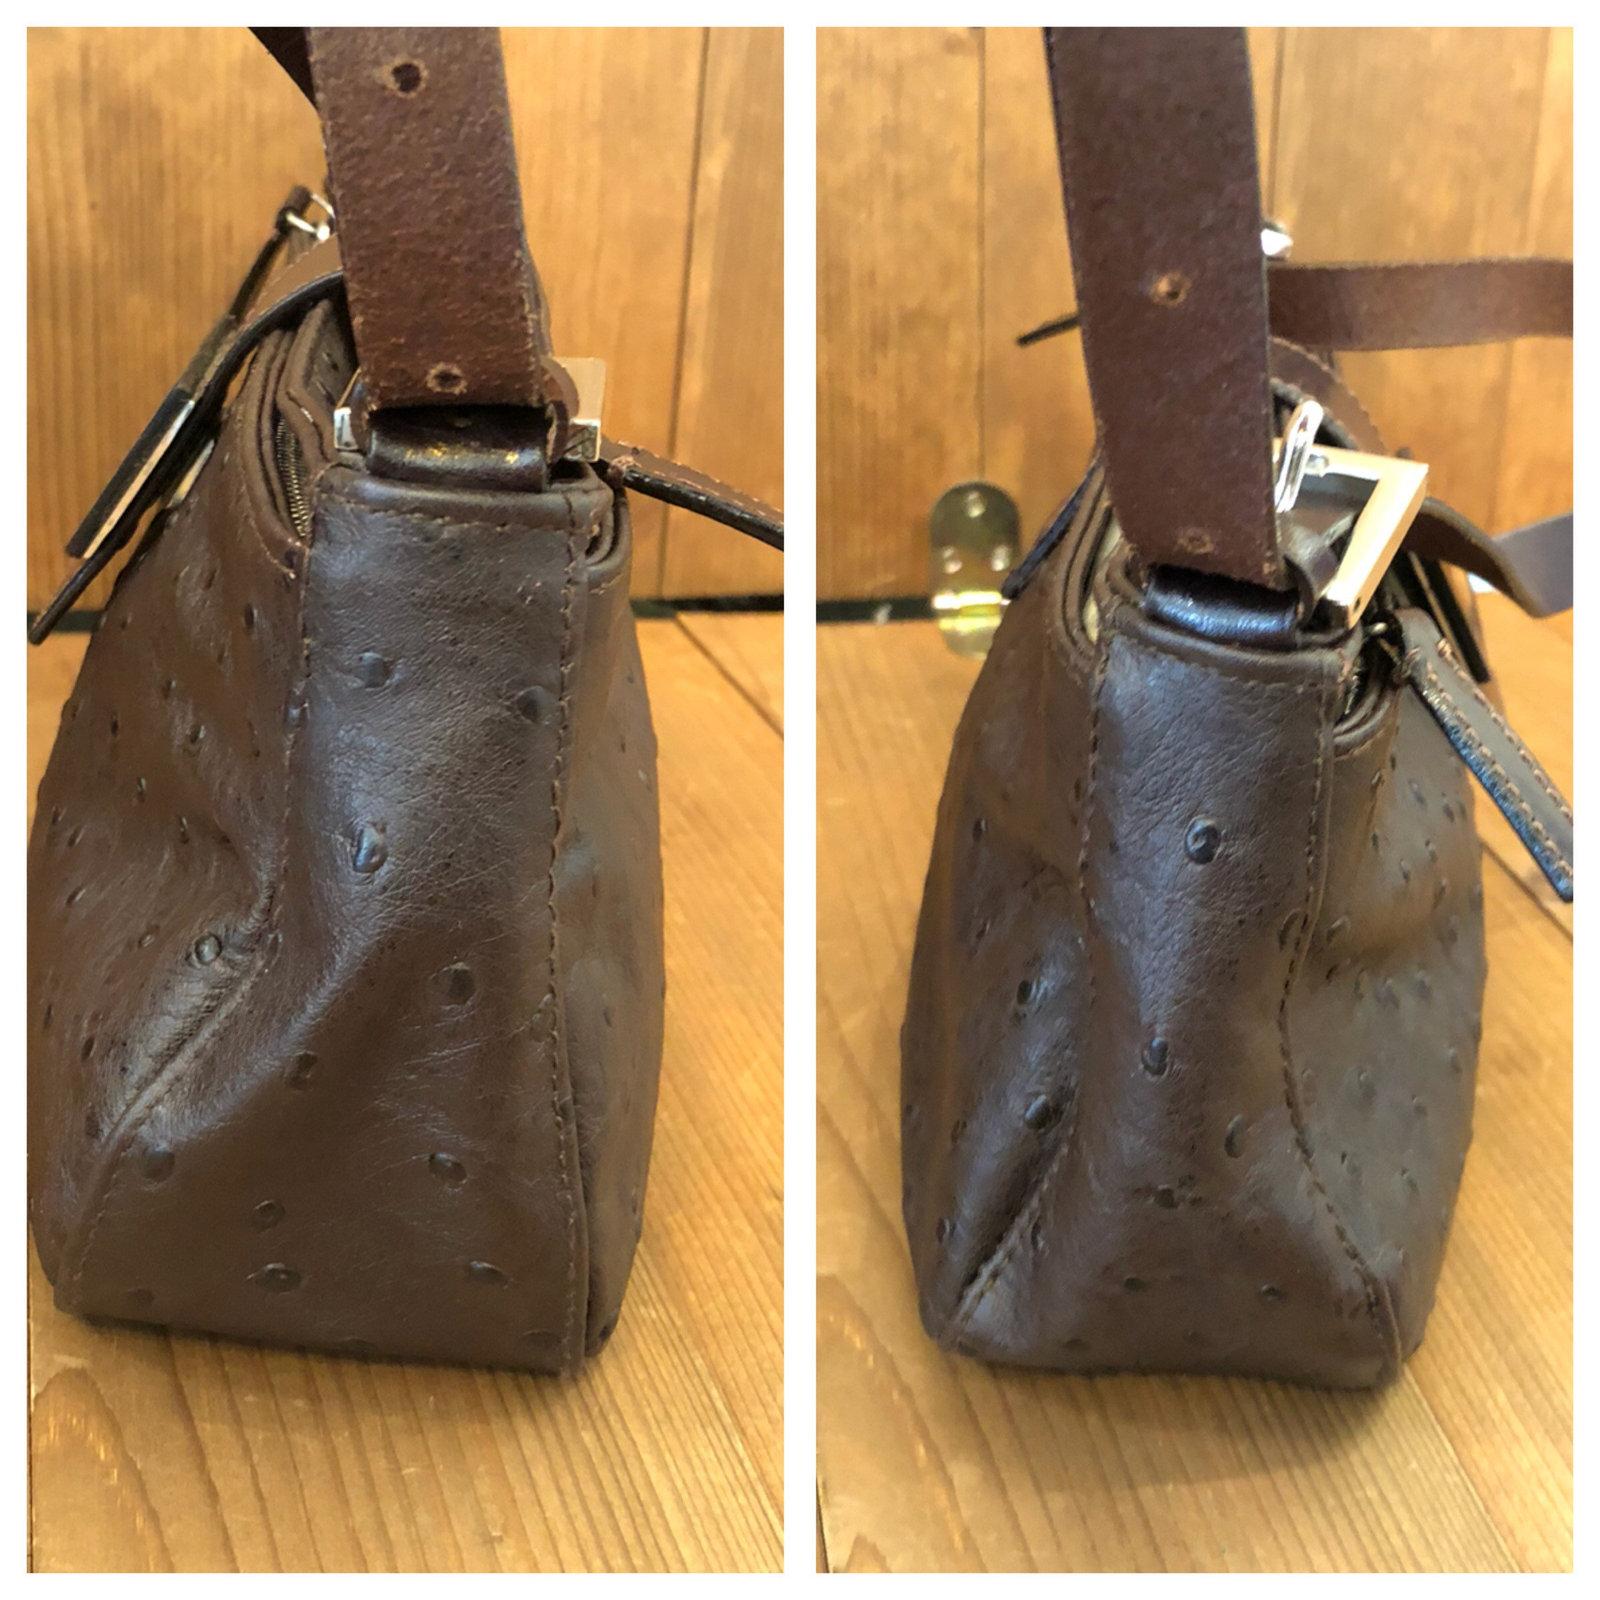 05e5c9b5fd7c Authentic Vintage FENDI Brown Ostrich Leather Baguette Handbag